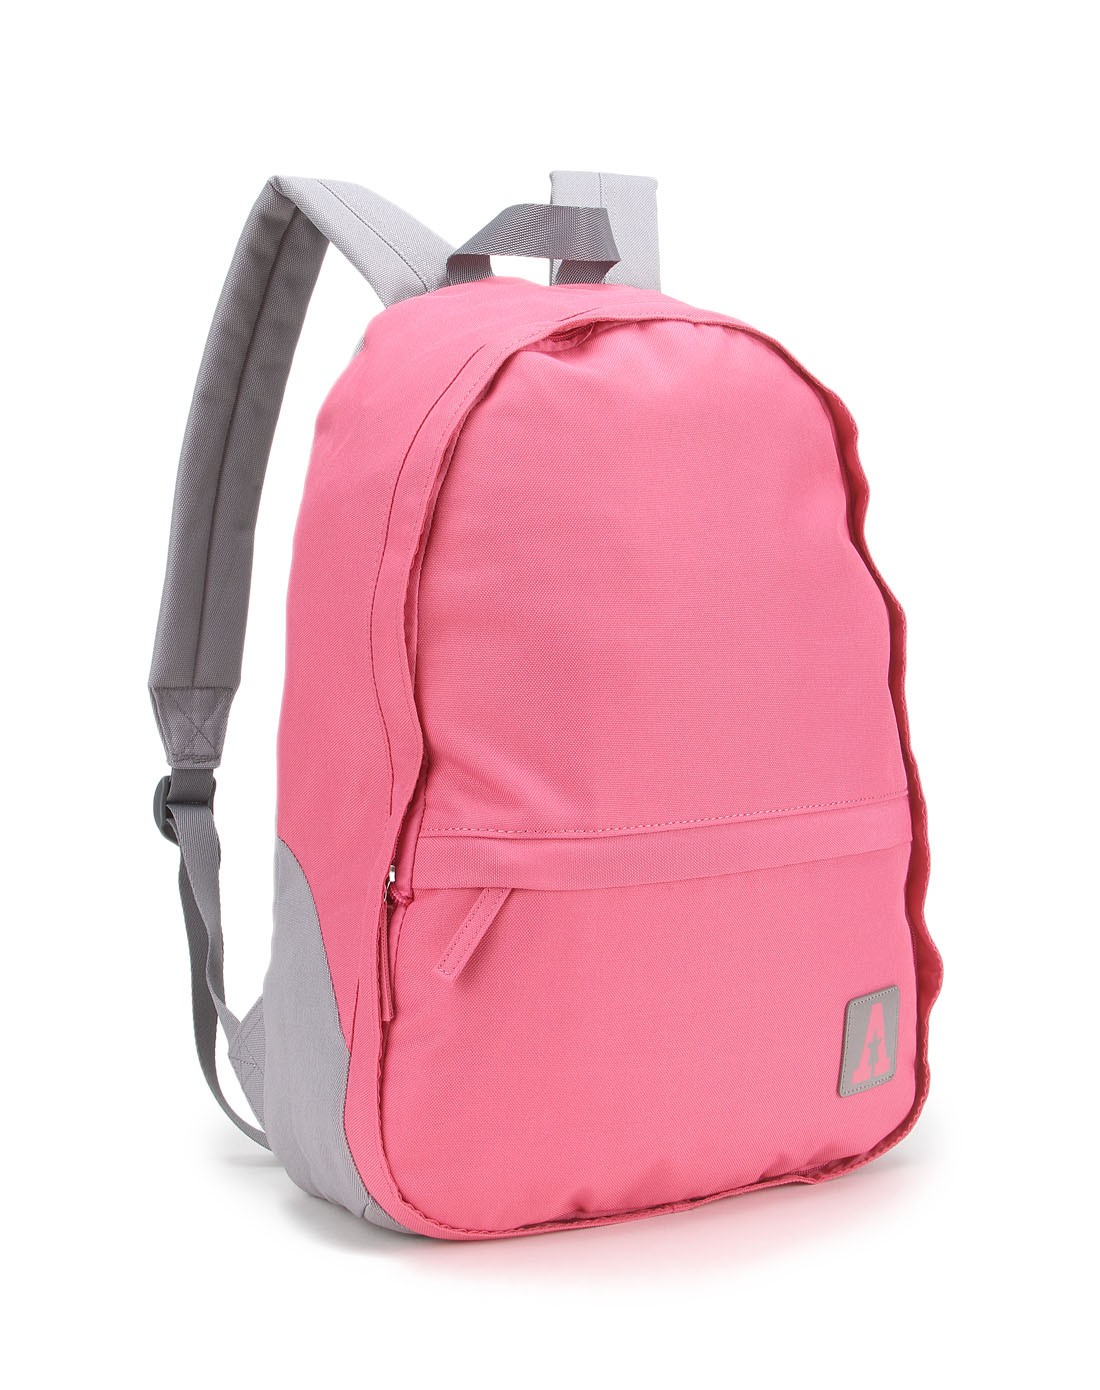 粉色双肩背包图片